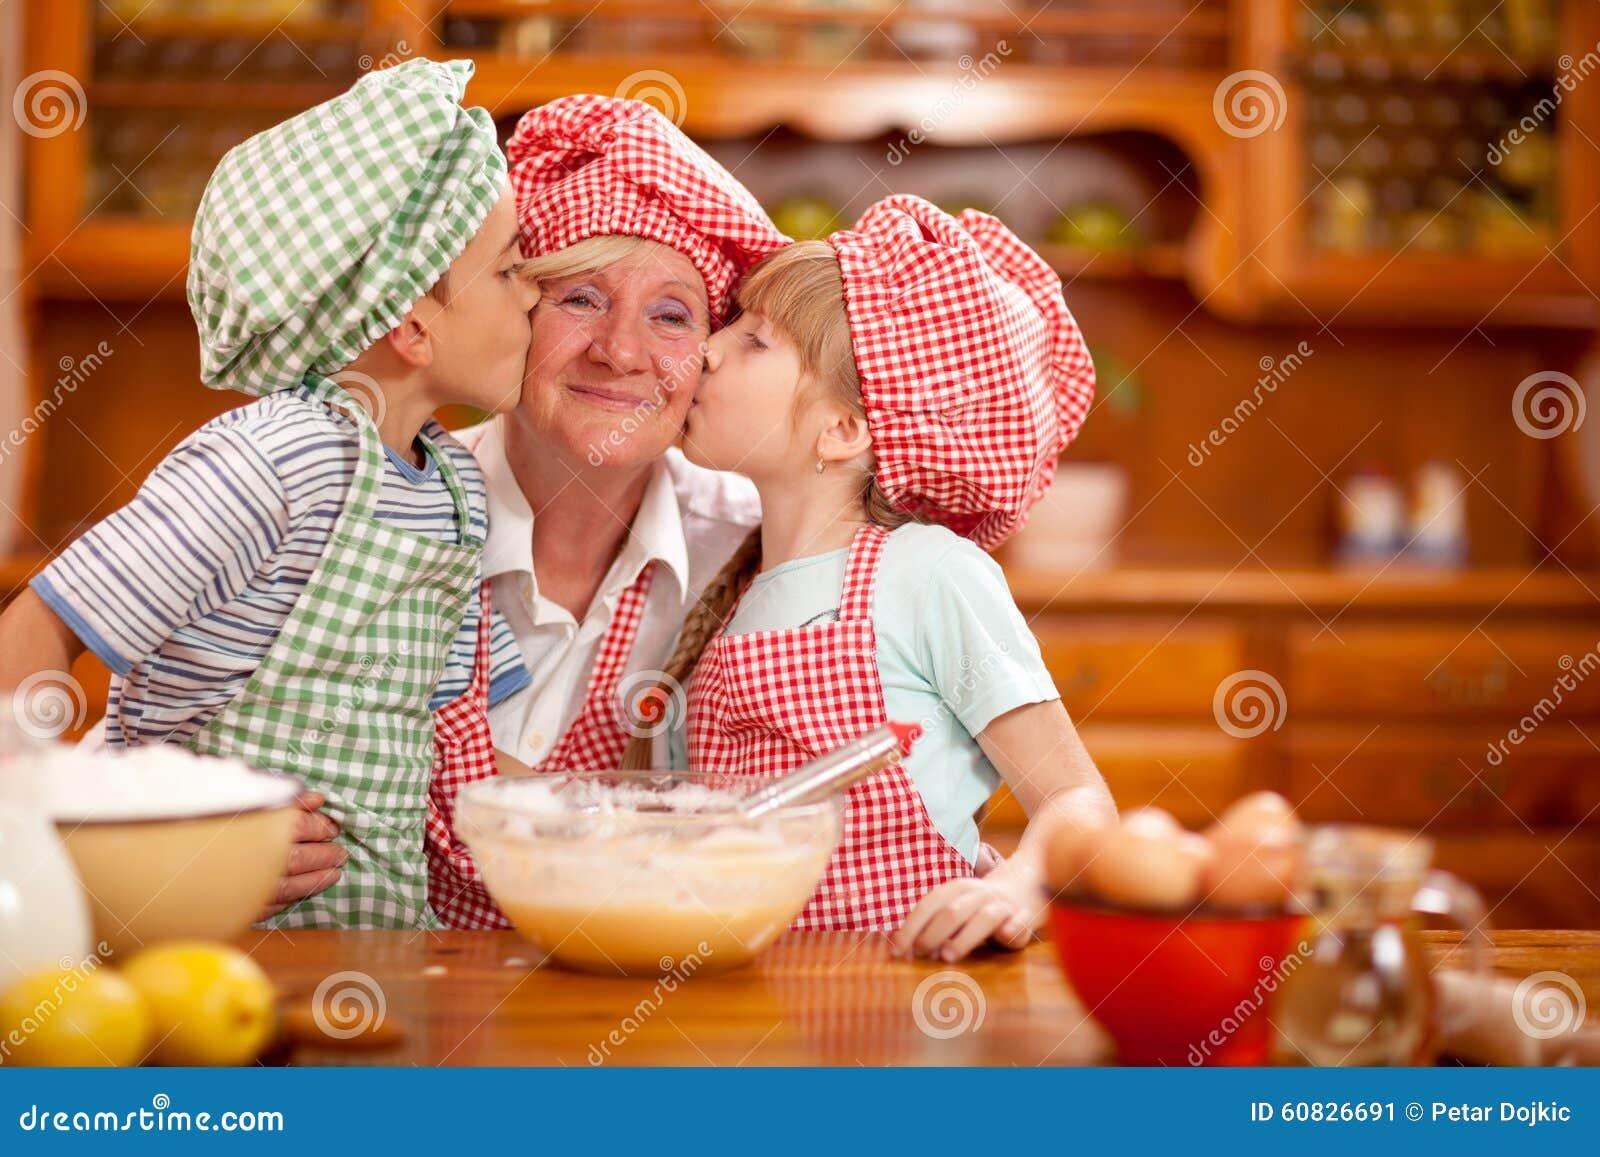 El nieto y la nieta besan a su abuela en la cocina